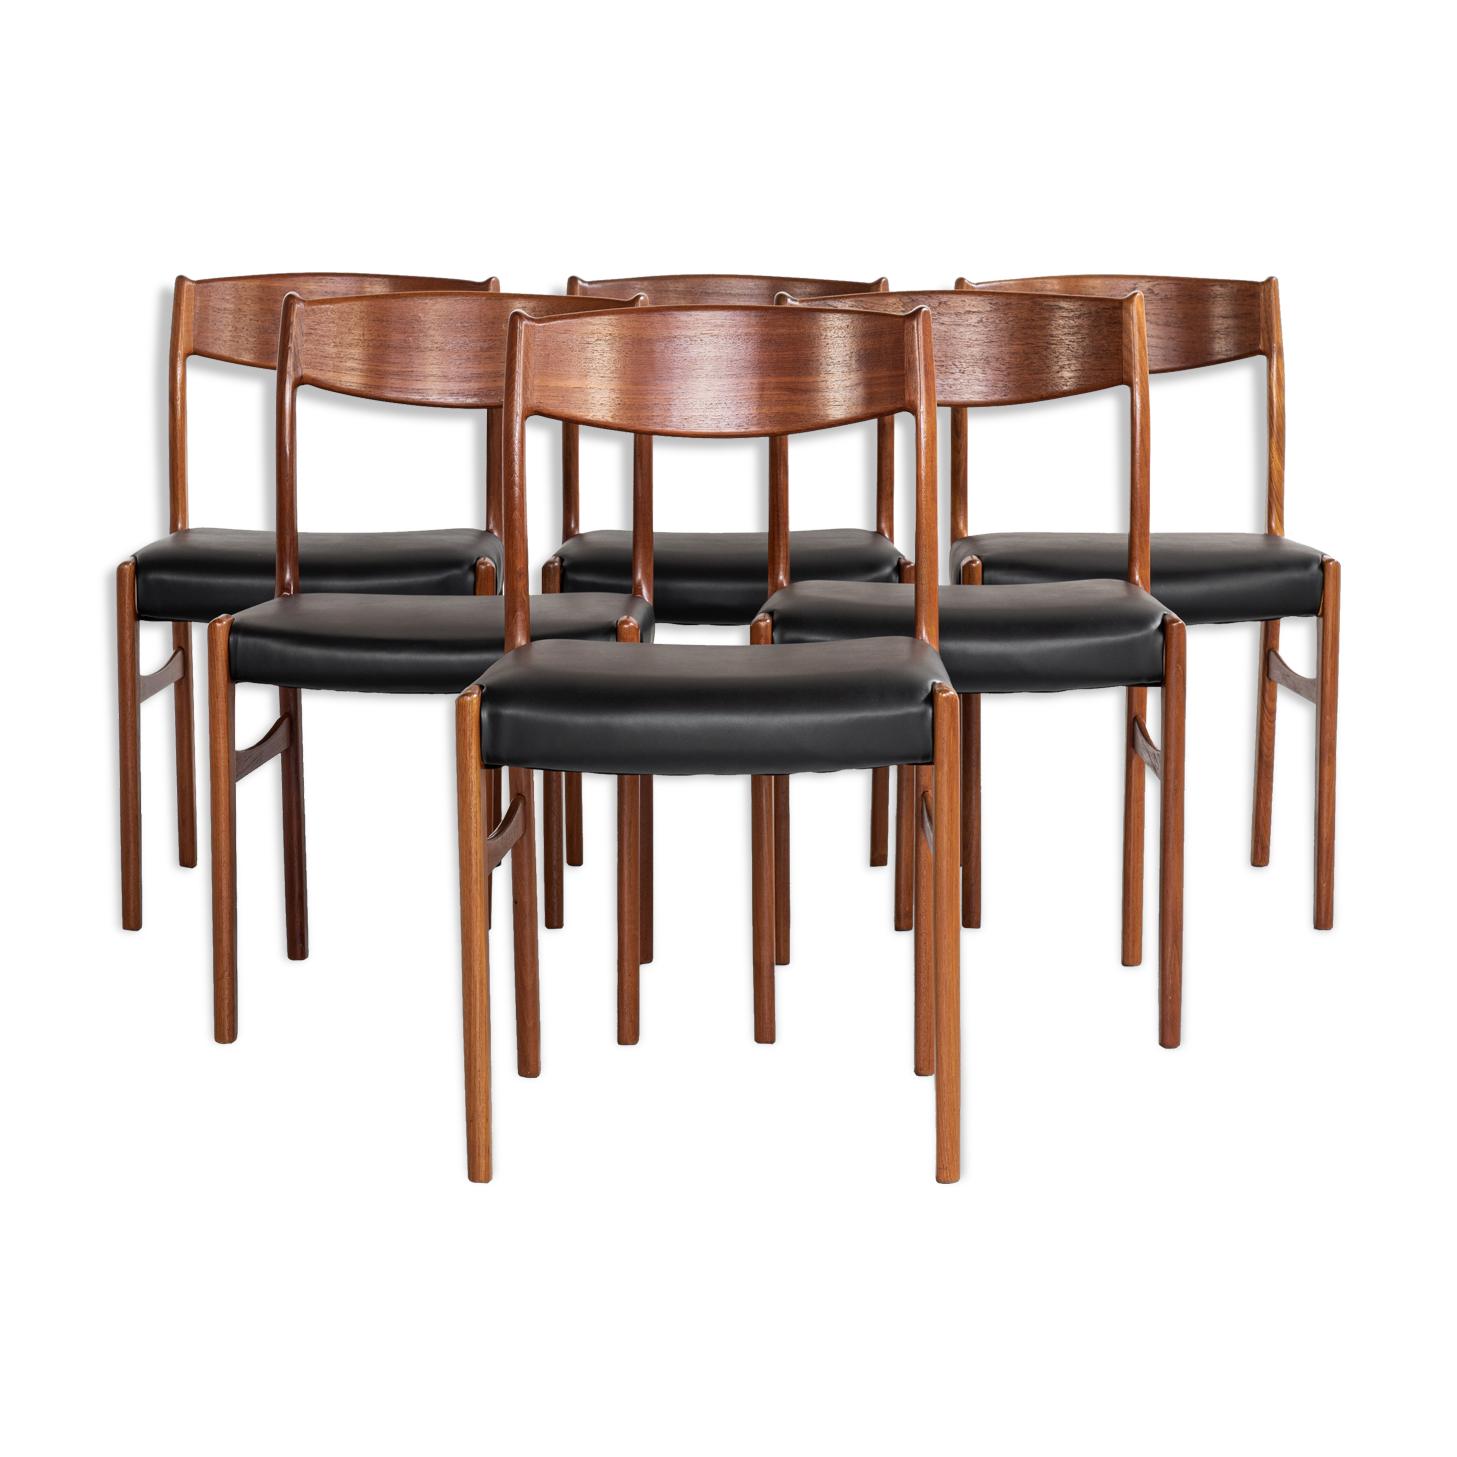 6 chaises de salle à manger en teck par Glyngøre Stolefabrik années 1960